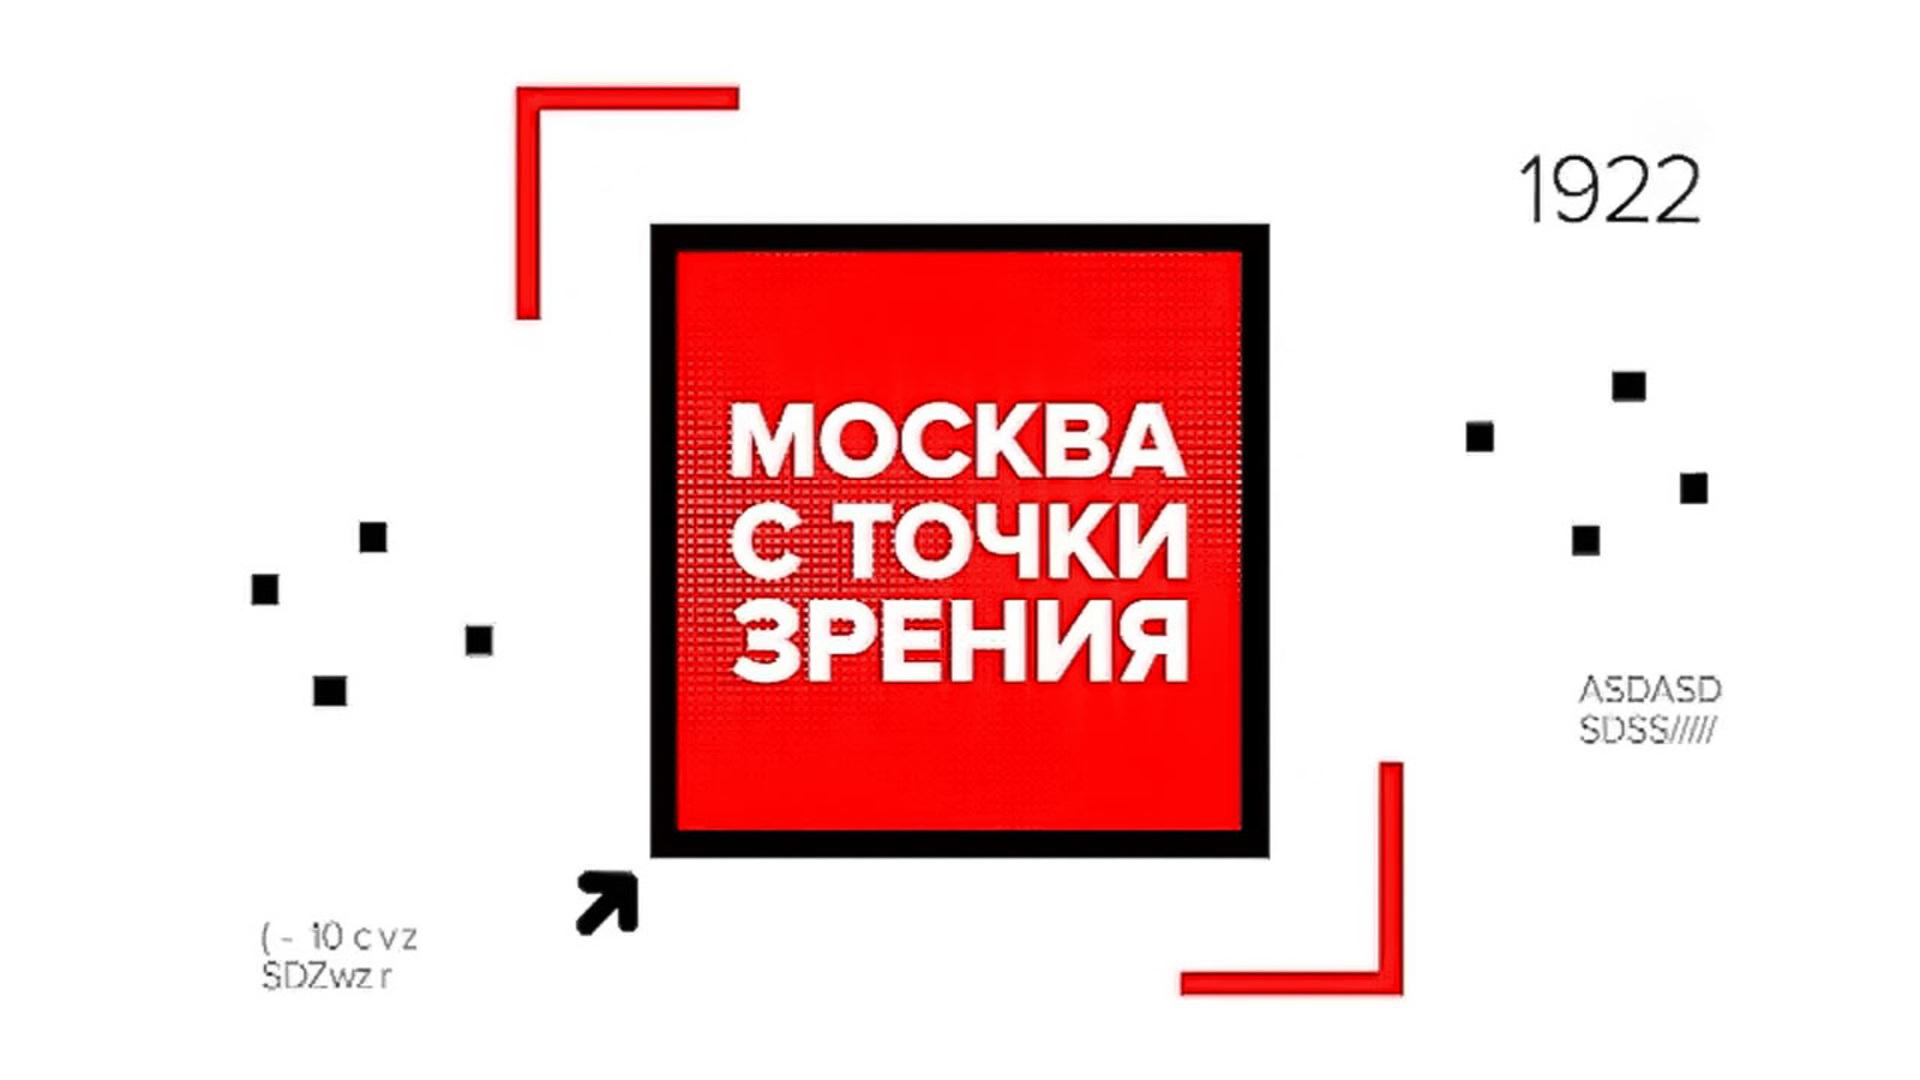 Москва с точки зрения